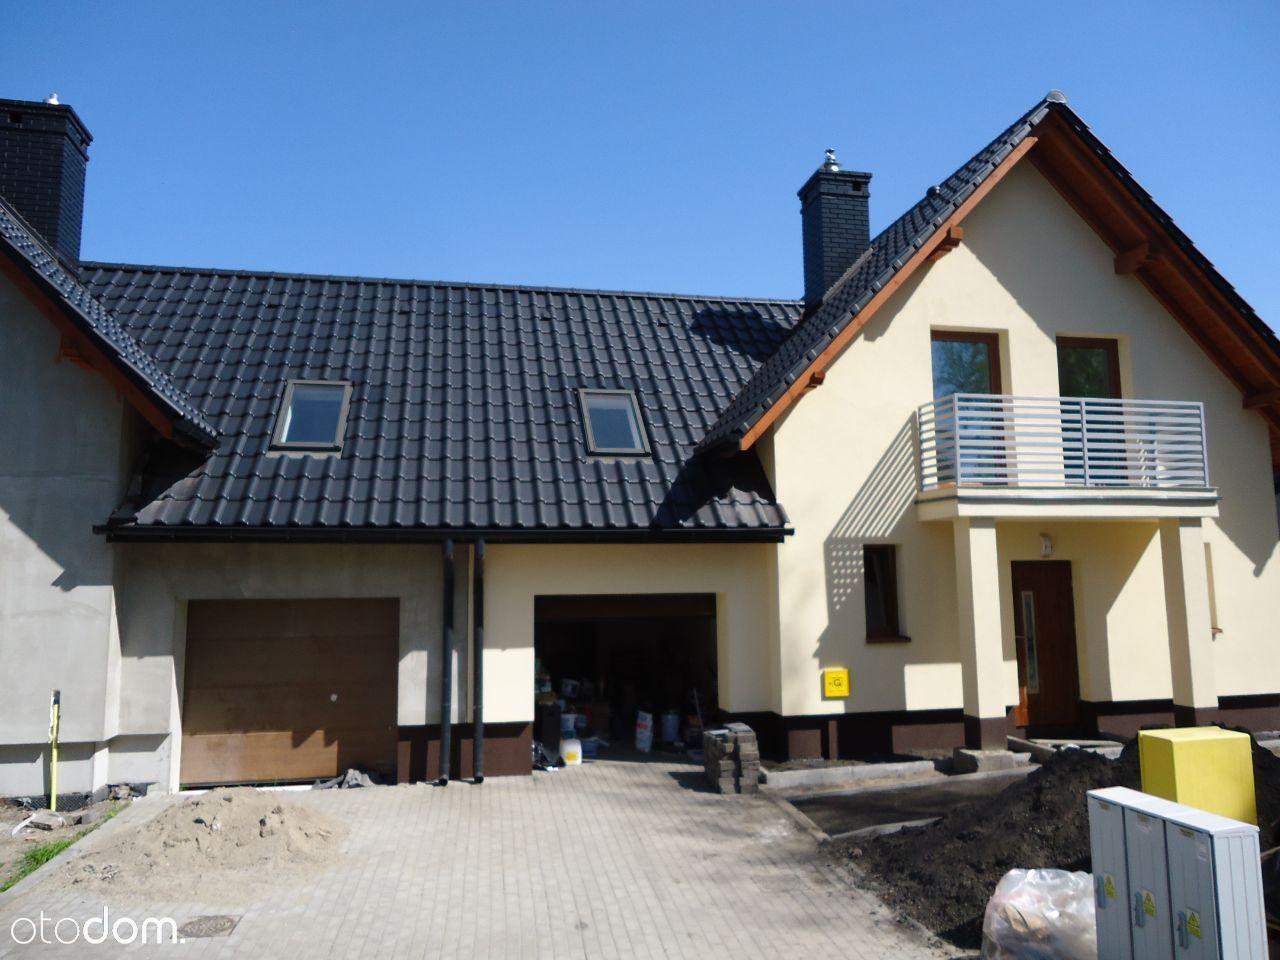 Nowy dom wolnostojący ul.Staromiejska!!!!!!!!!!!!!